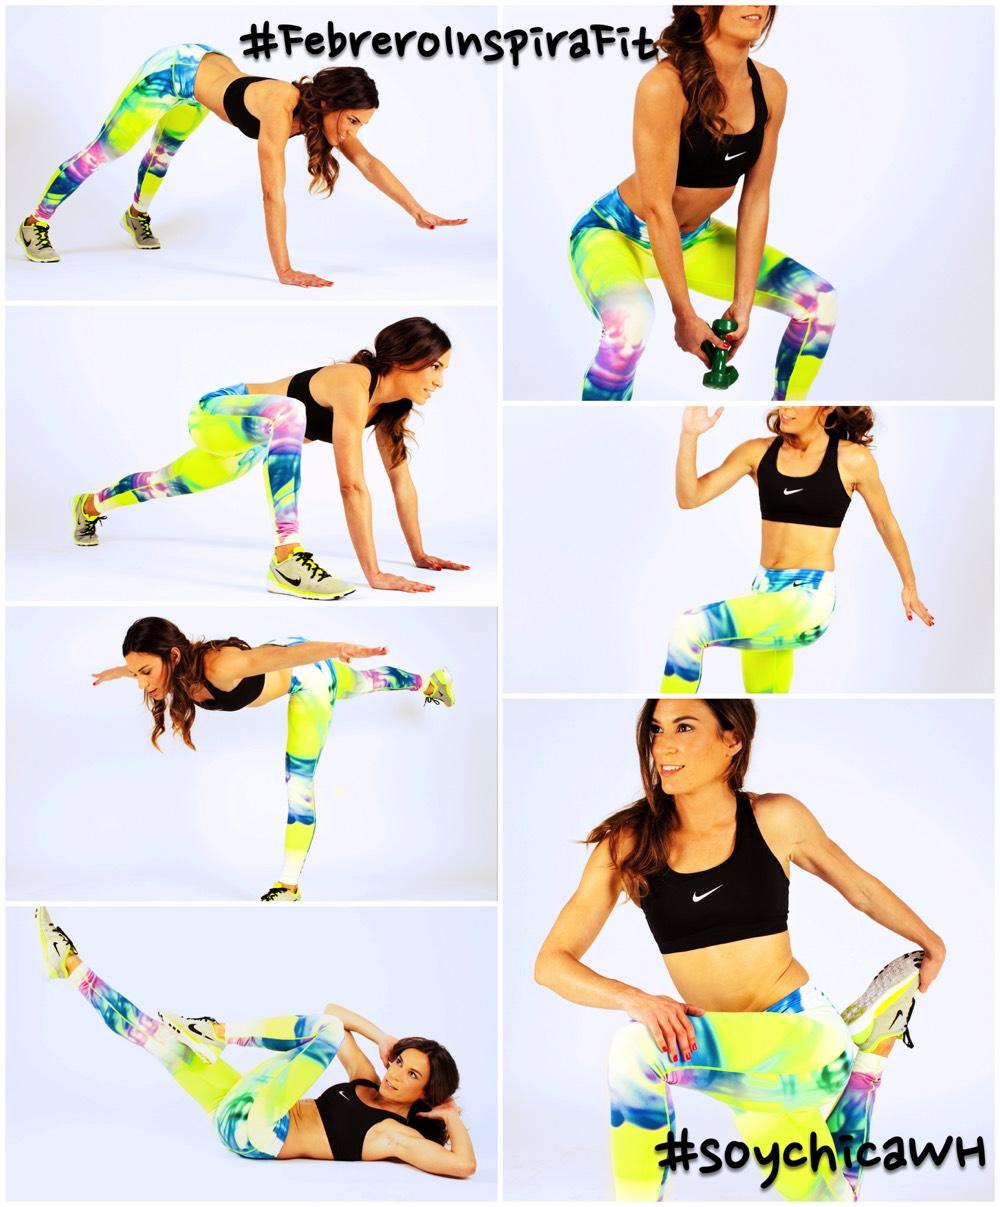 reto inspirafit febrero fuerza movilidad pierna abdominales